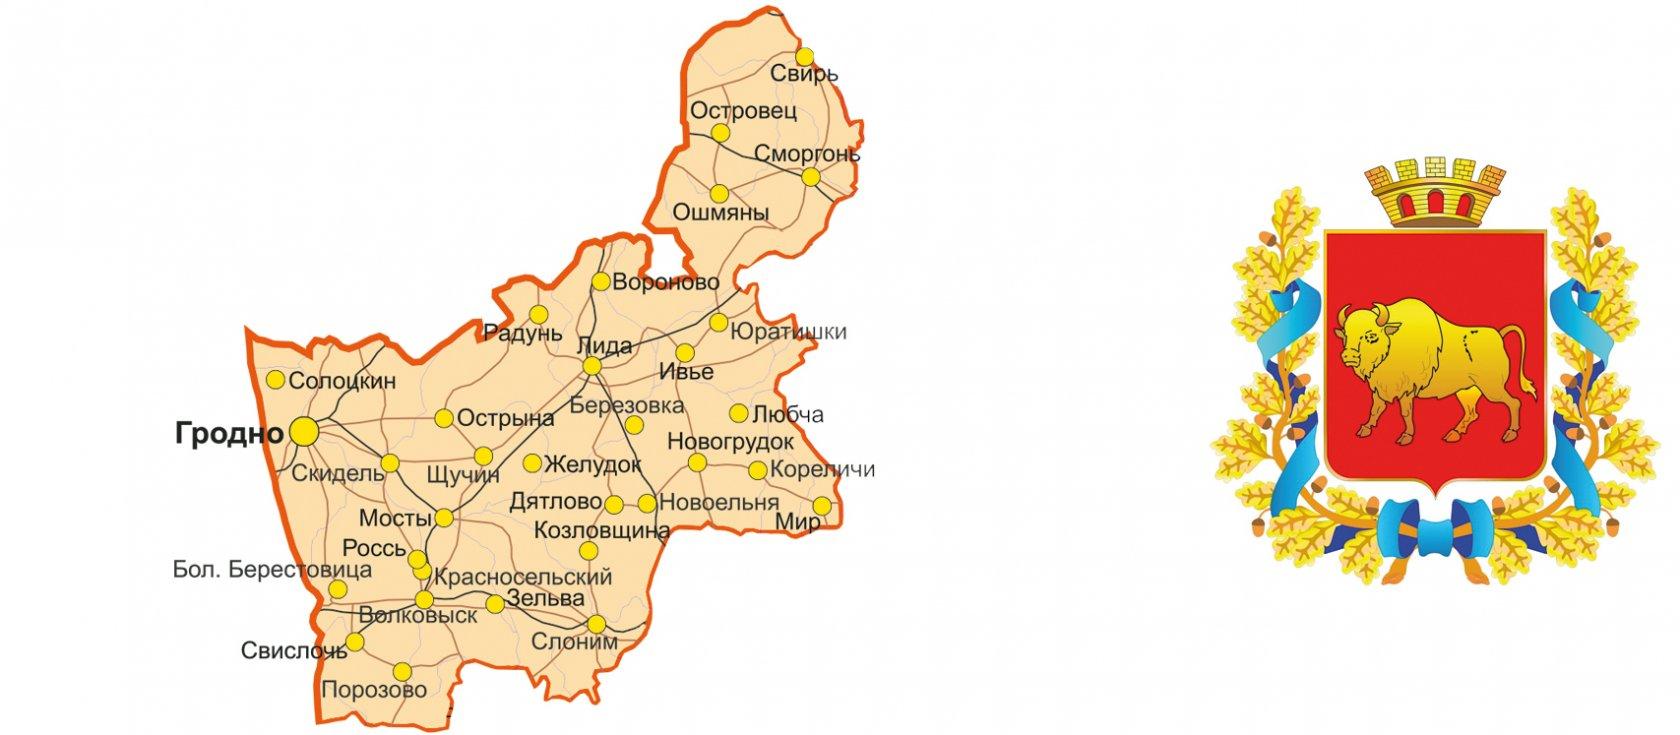 Гродненская область – одна из шести областей Беларуси